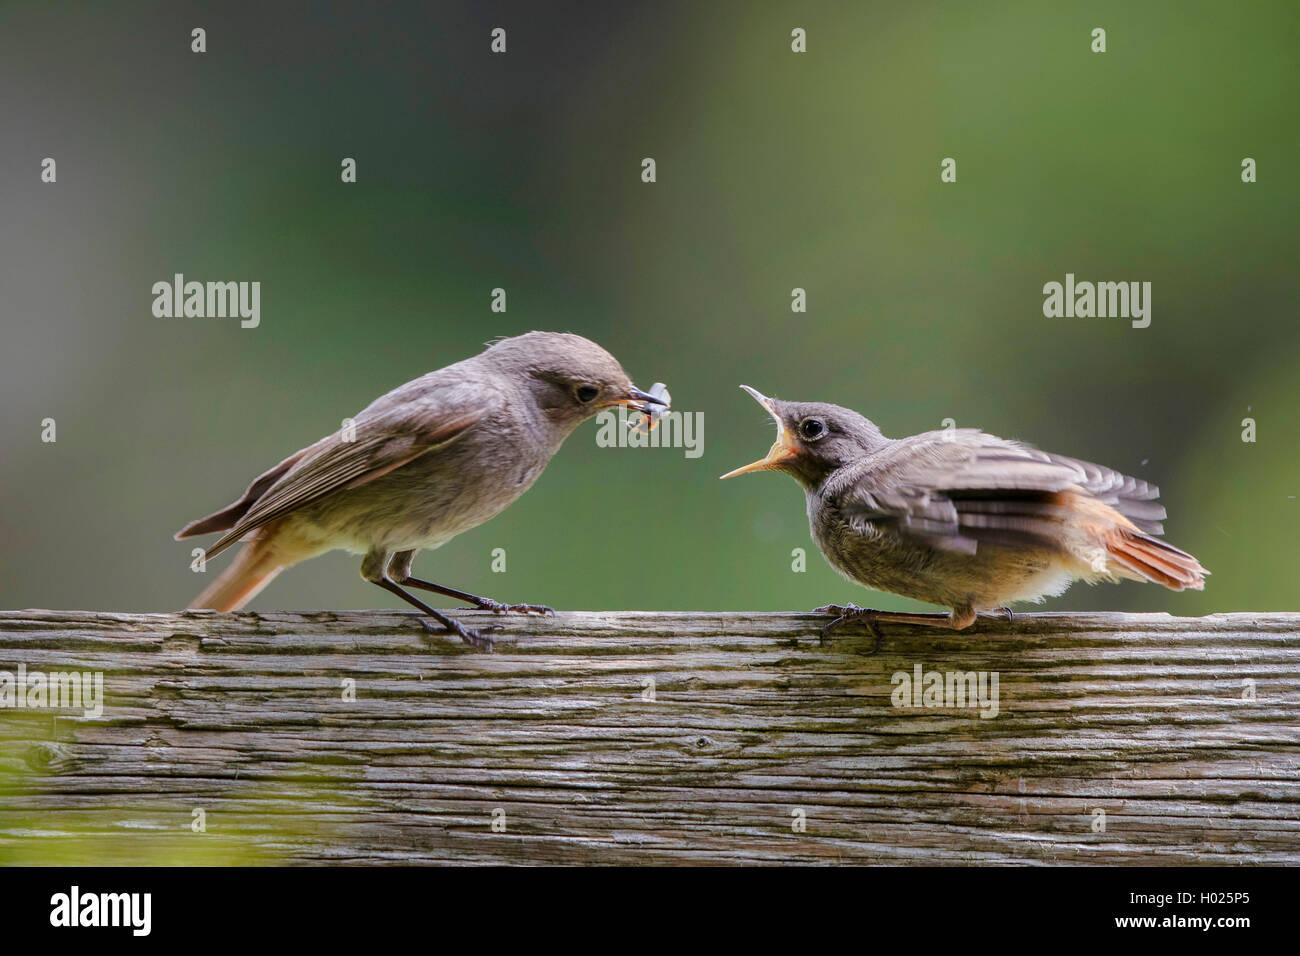 Hausrotschwanz, Haus-Rotschwanz (Phoenicurus ochruros), Weibchen fuettert bettelnden flueggen Jungvogel mit einem - Stock Image